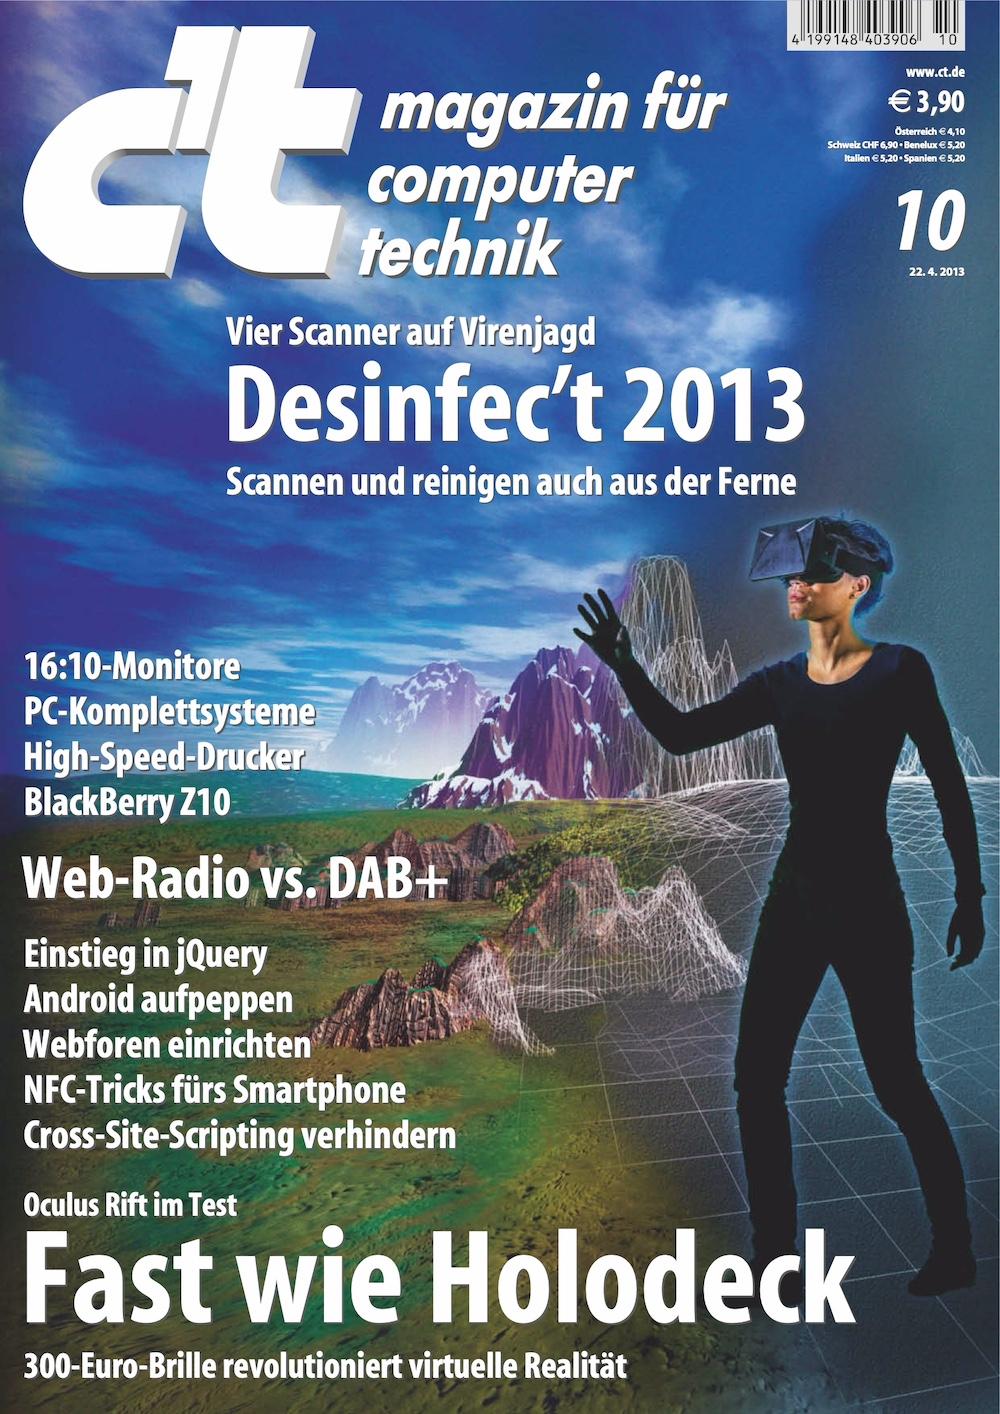 c't Magazin 2013-10